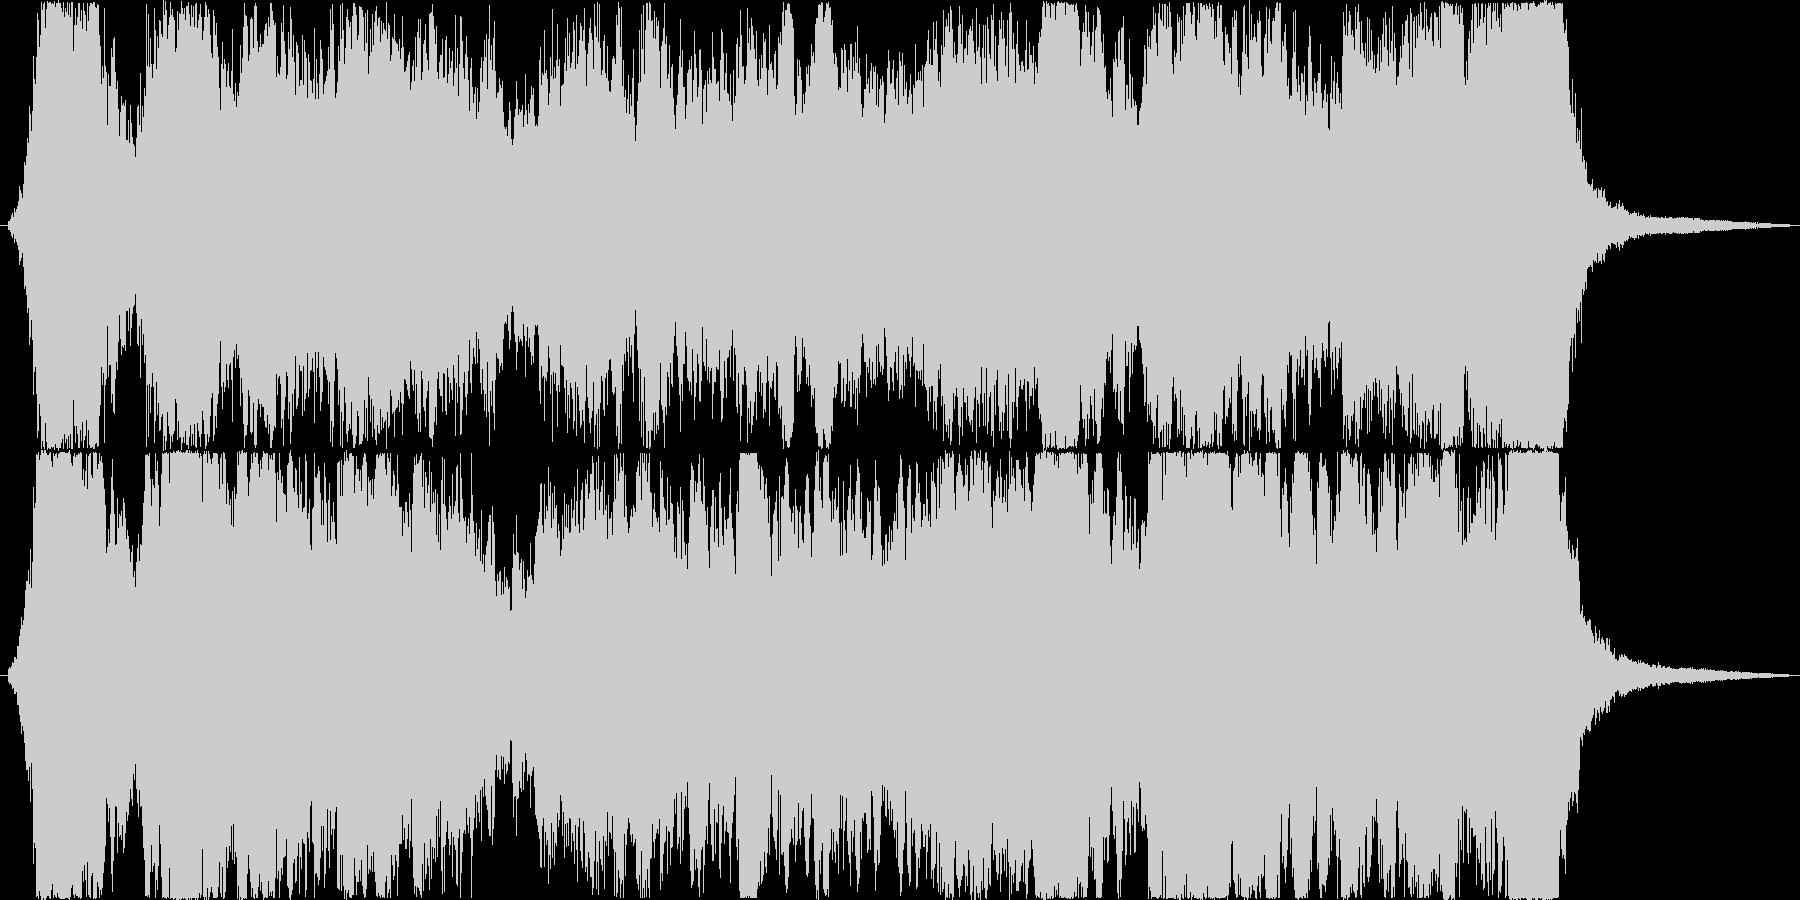 ハリウッド映画的なオーケストラ曲の未再生の波形